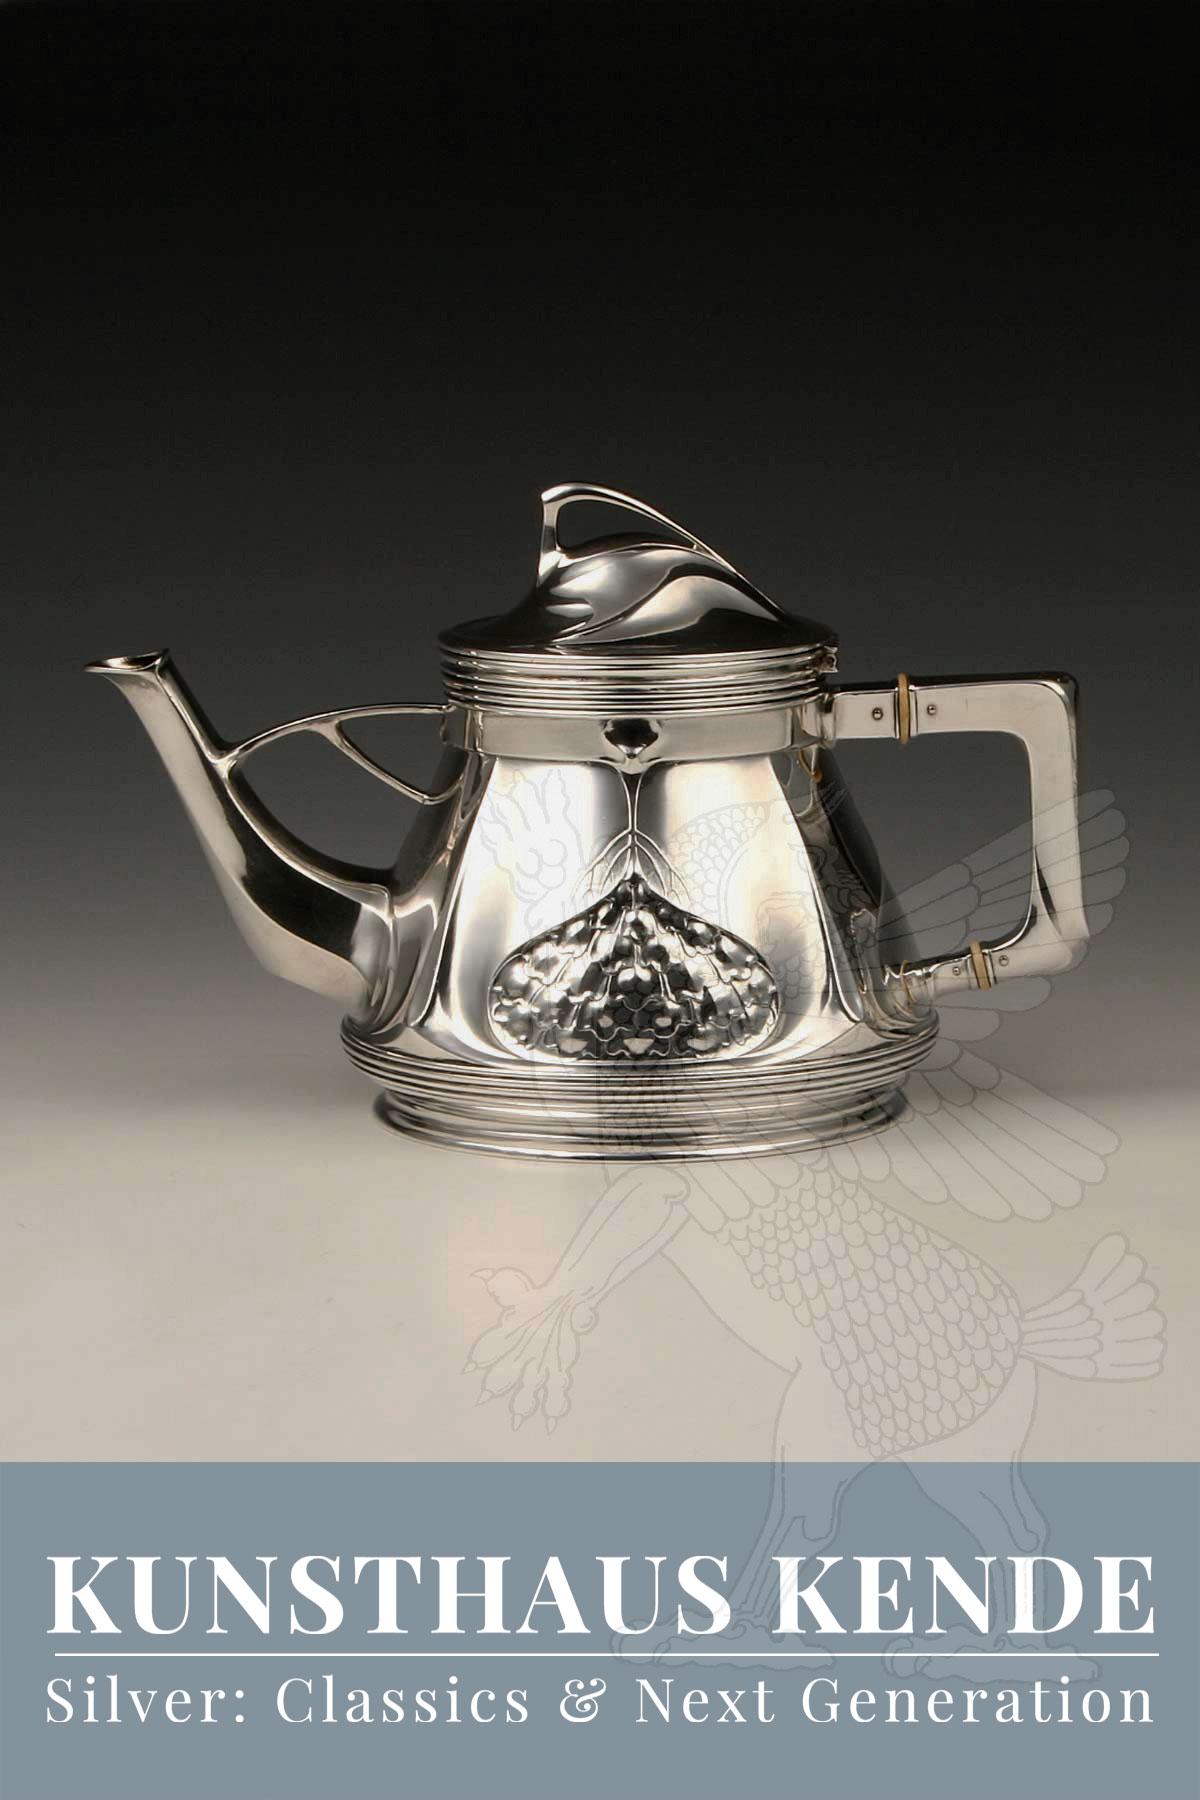 Teekanne Orivit Silber Kaffeeservice Art Nouveau Orivit Zinn Kelch Wmf Jugendstil